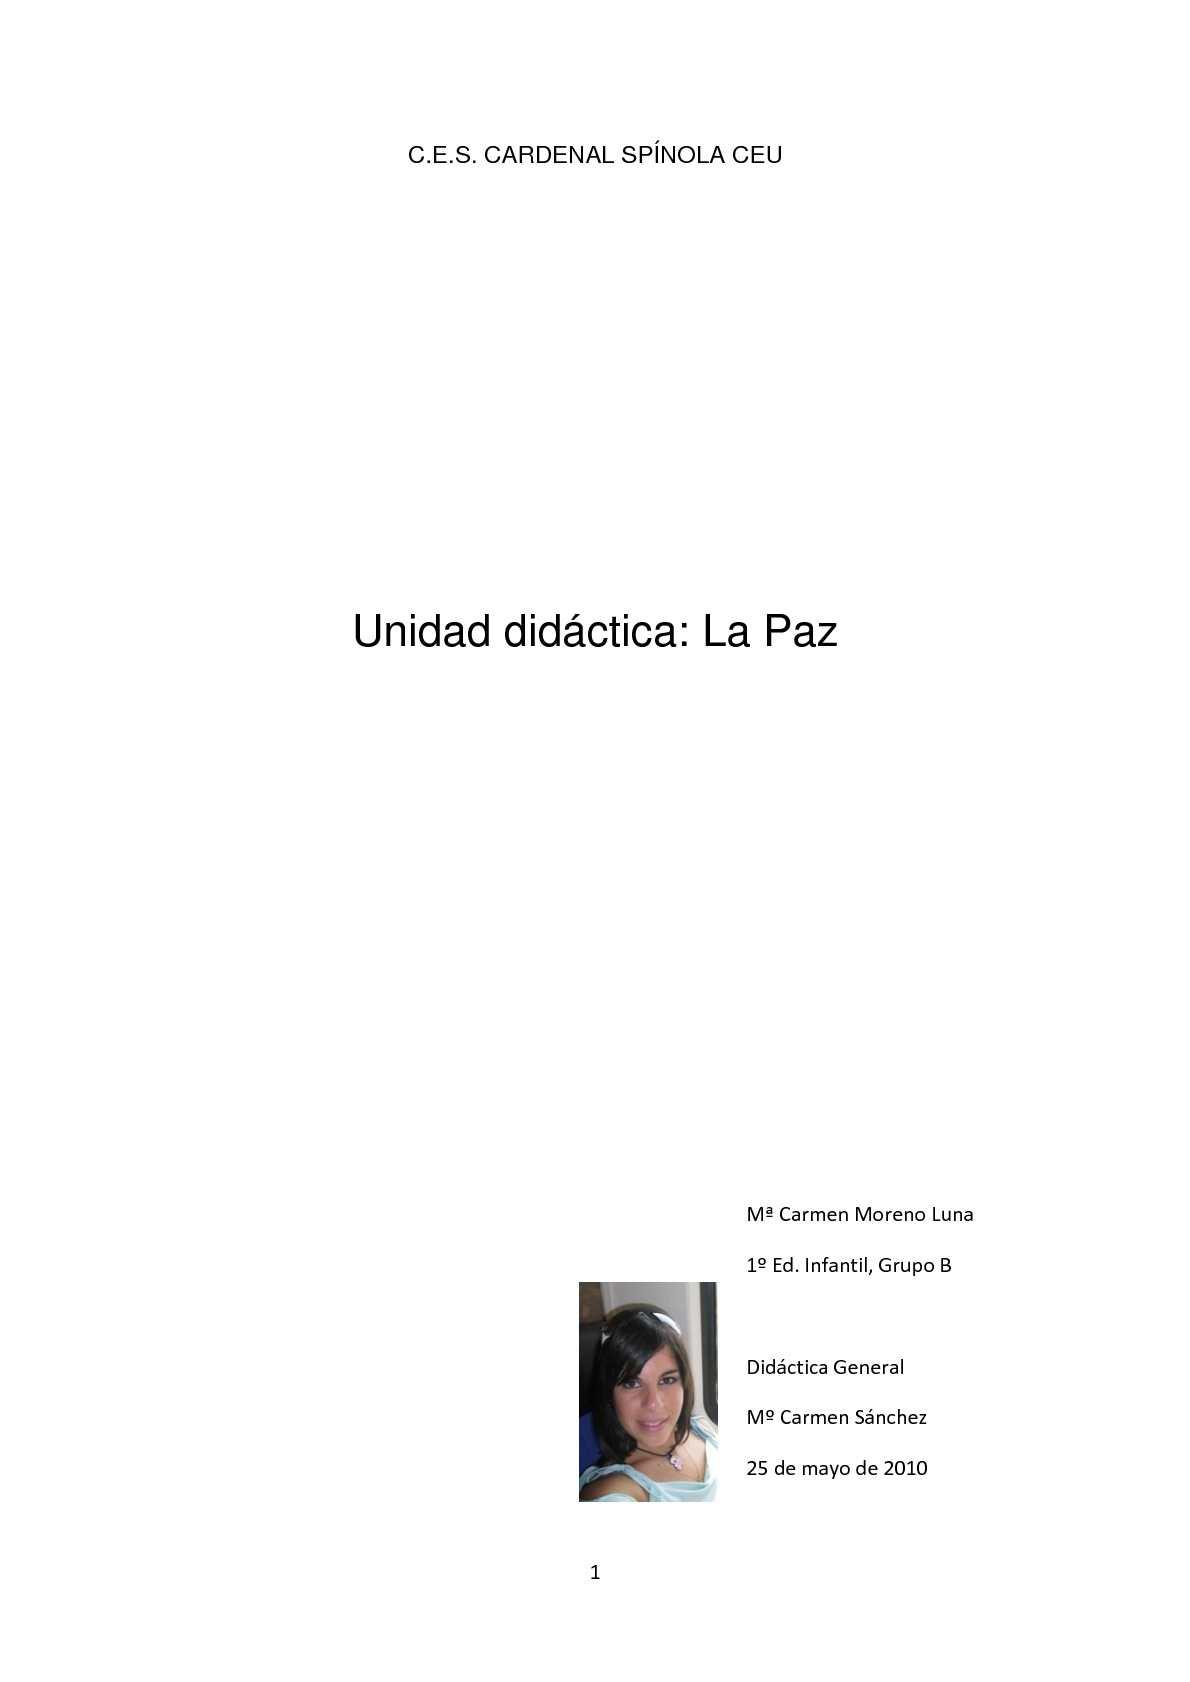 Calaméo - Unidad didáctica de LaPaz